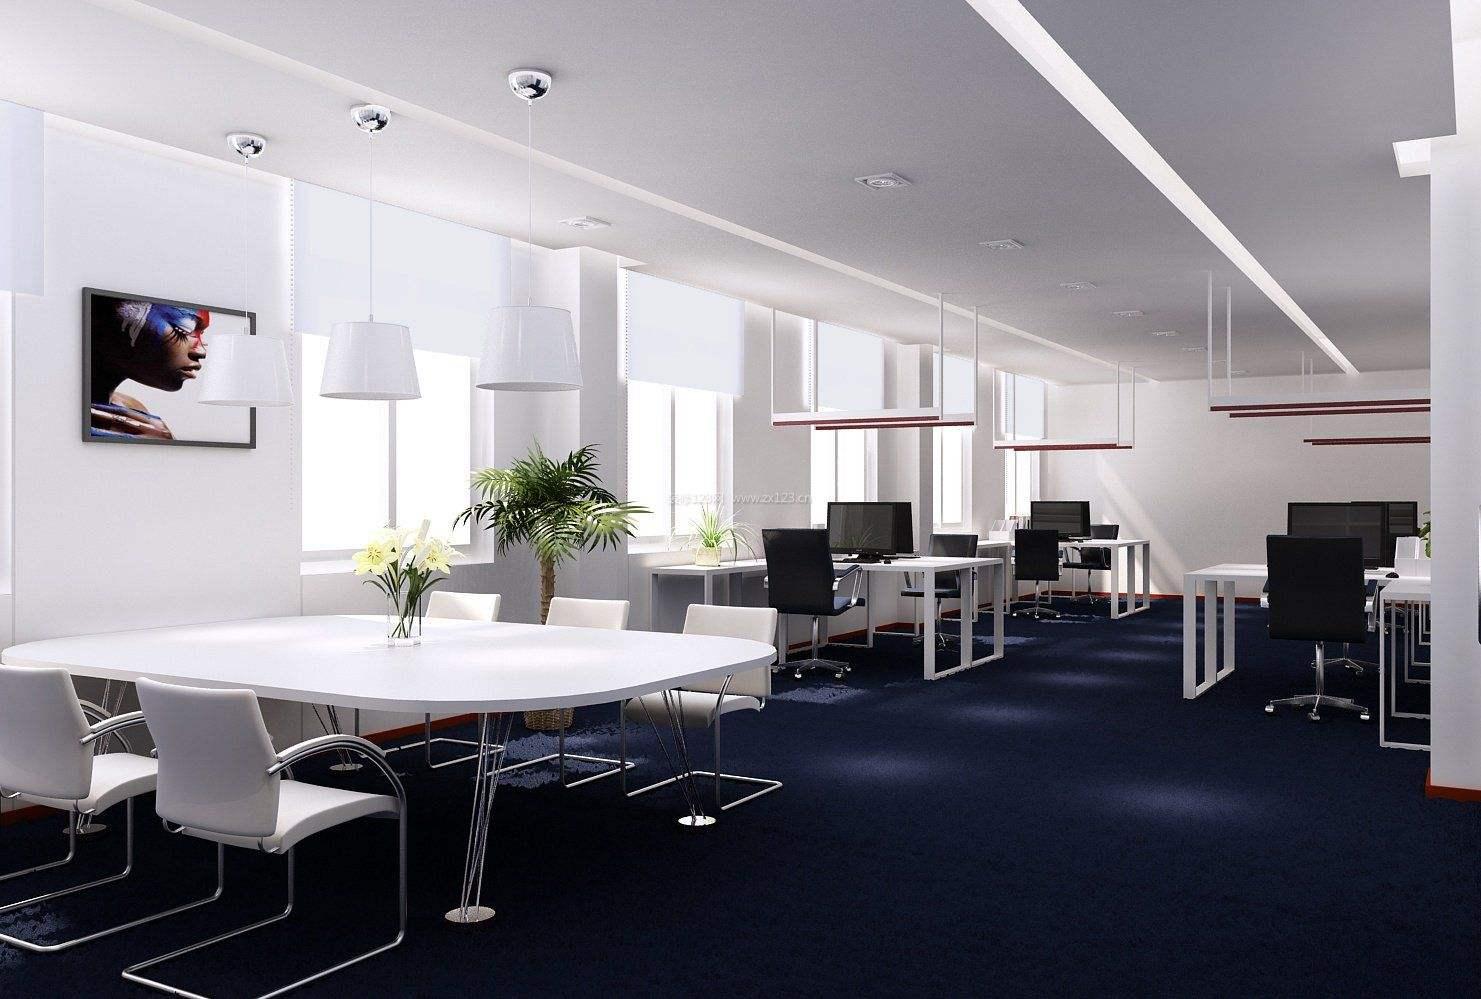 办公室设计空间形象的十大要素